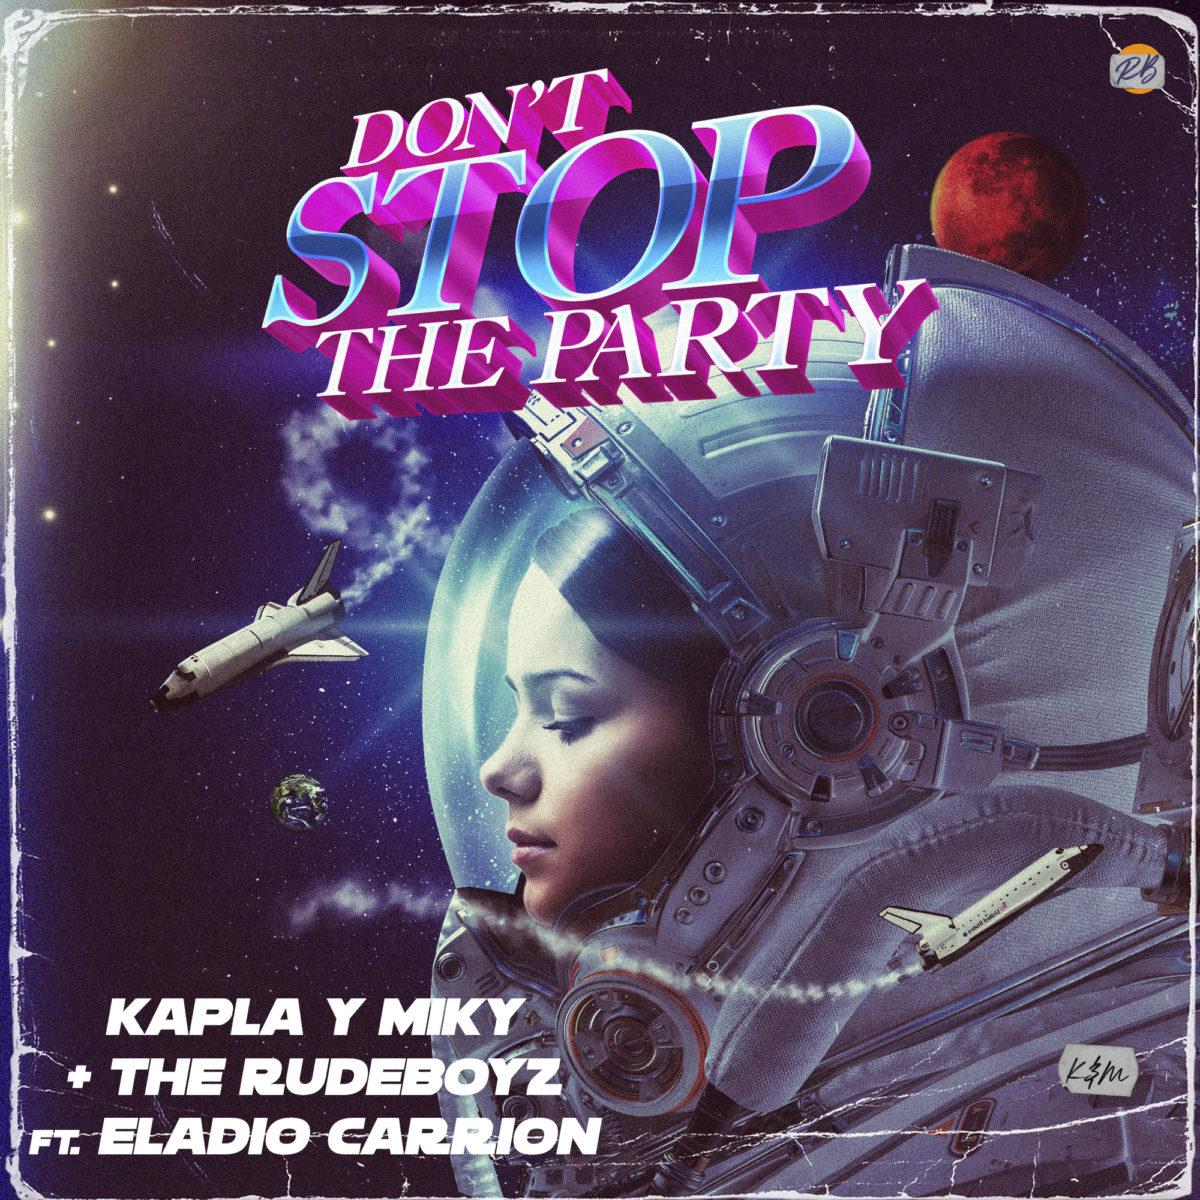 """Kapla y Miky, the Rudeboyz feat Eladio Carrión se unen en """"Don't stop the party"""""""